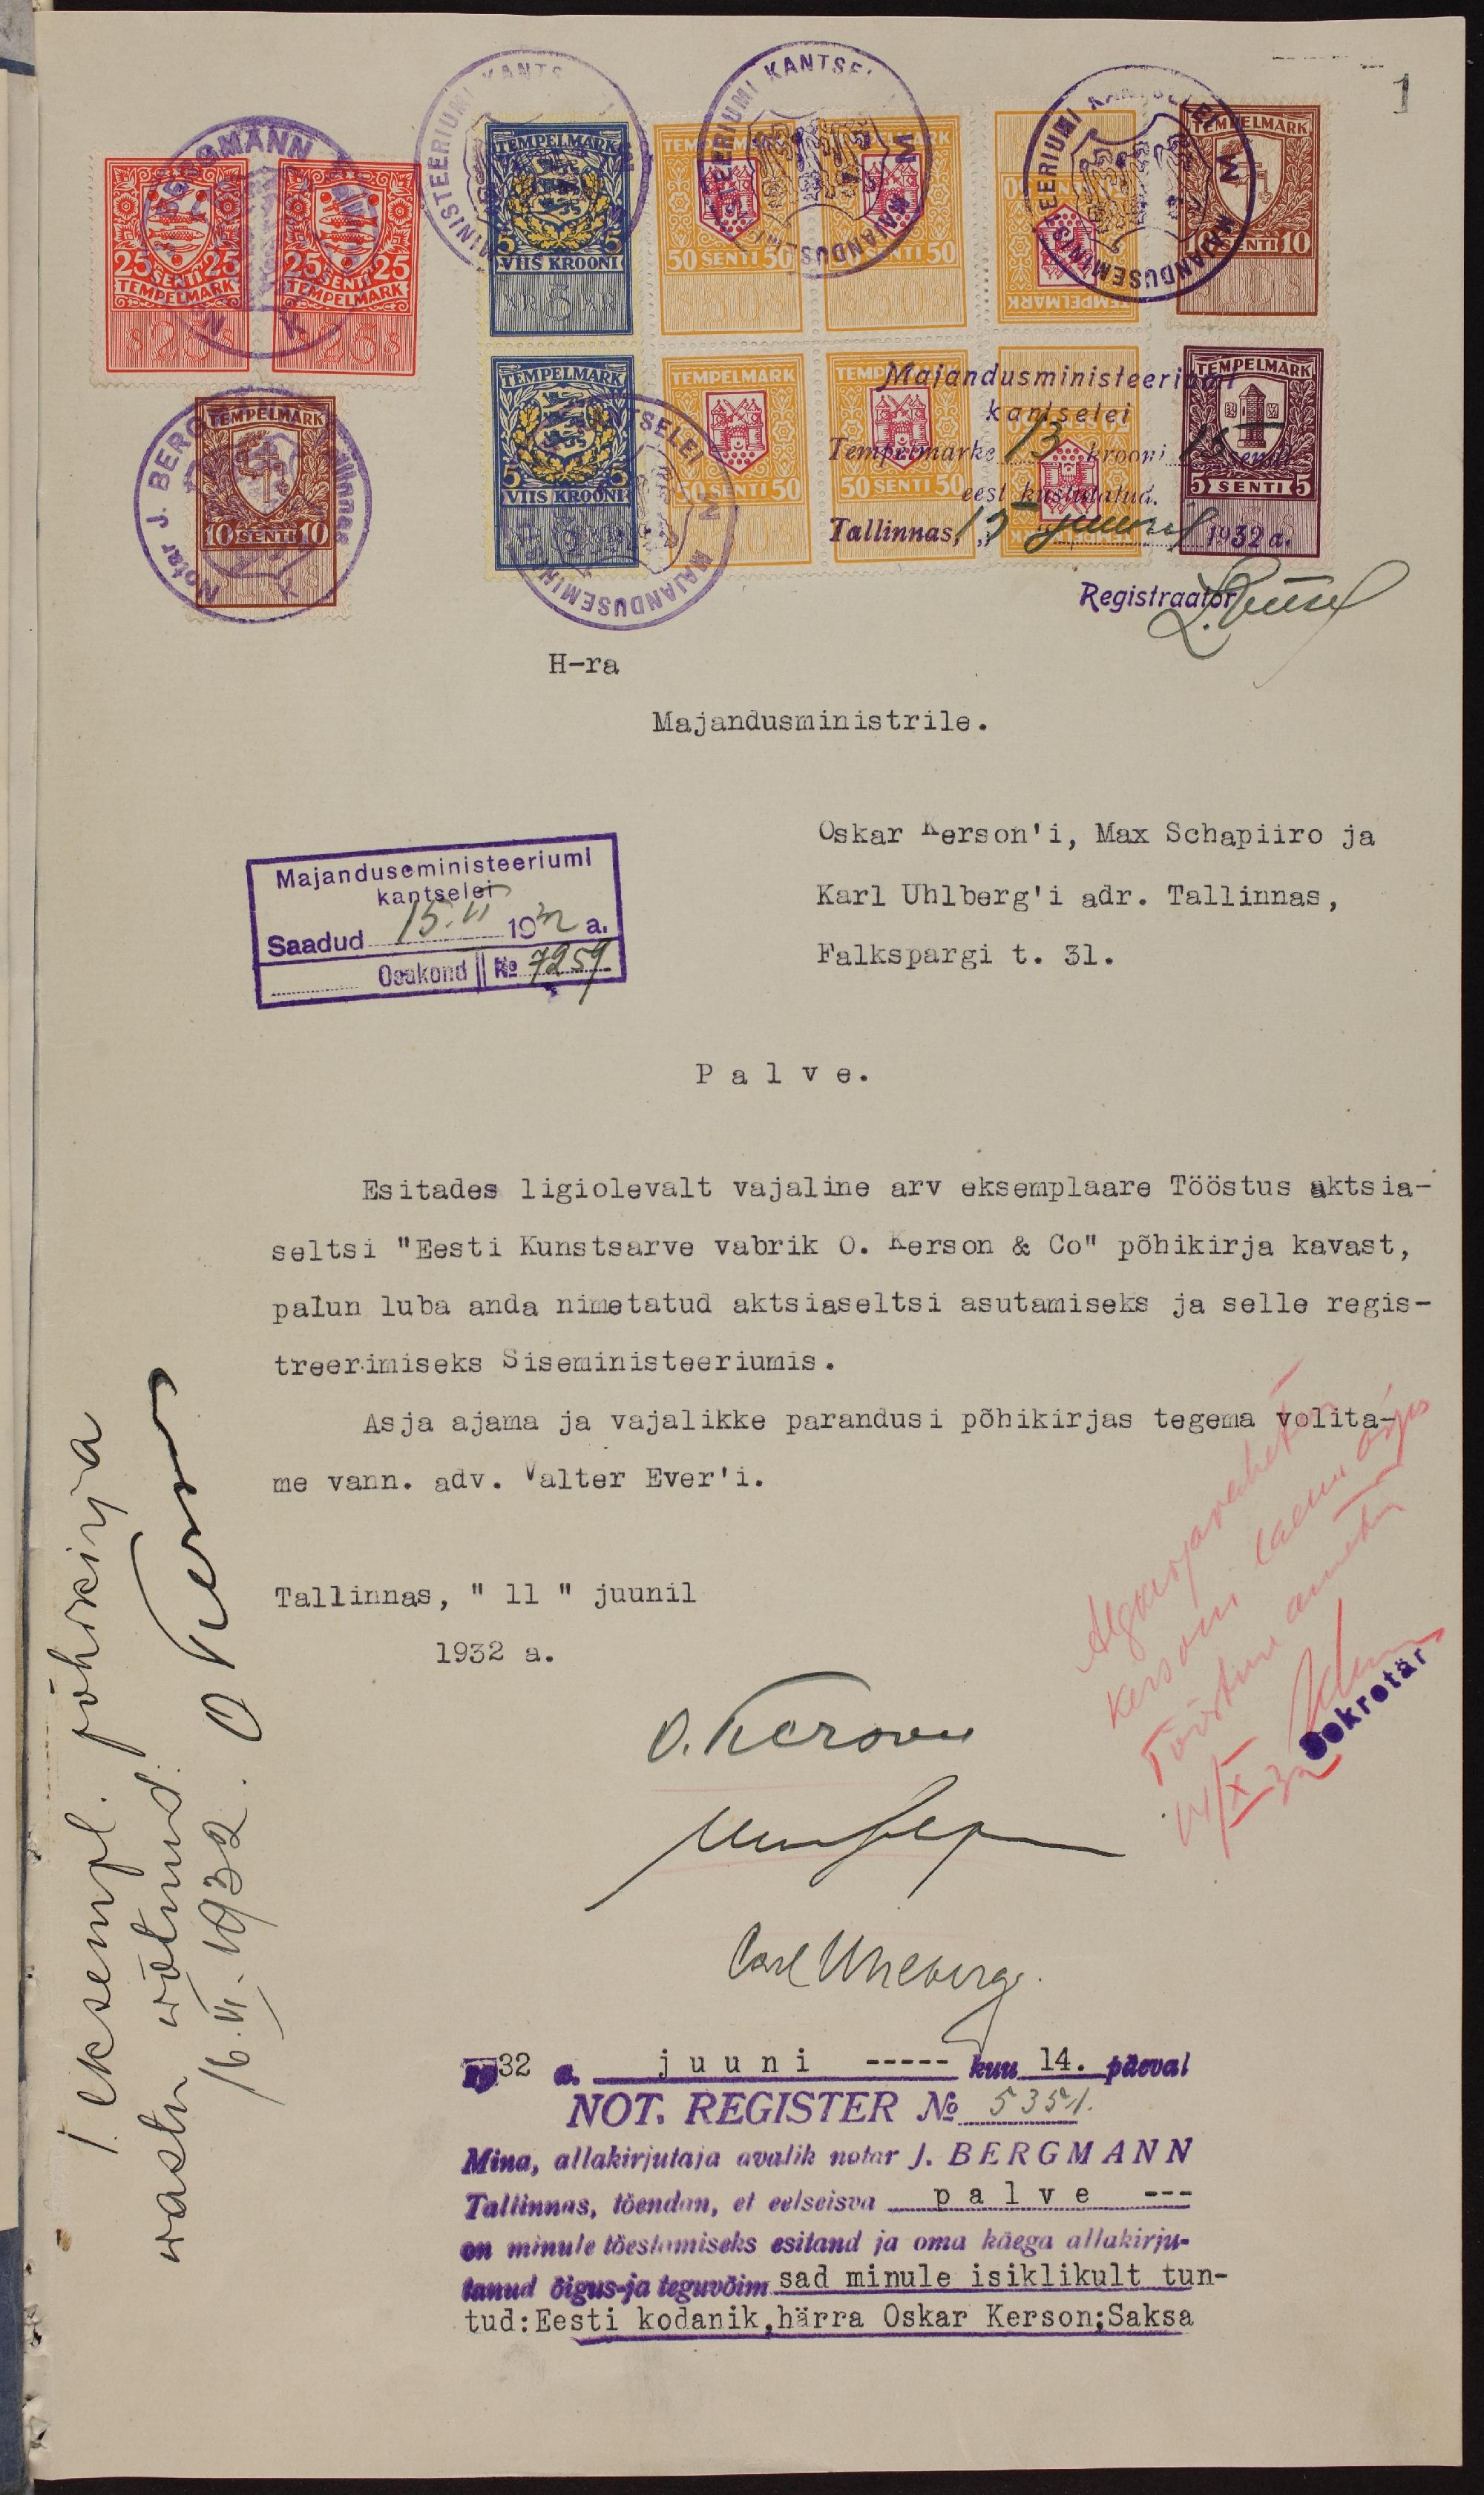 """Avaldus aktsiaseltsi """"Eesti Kunstsarve vabrik. O Kerson & Co."""" asutamiseks, 1932. ERA.969.1.751"""